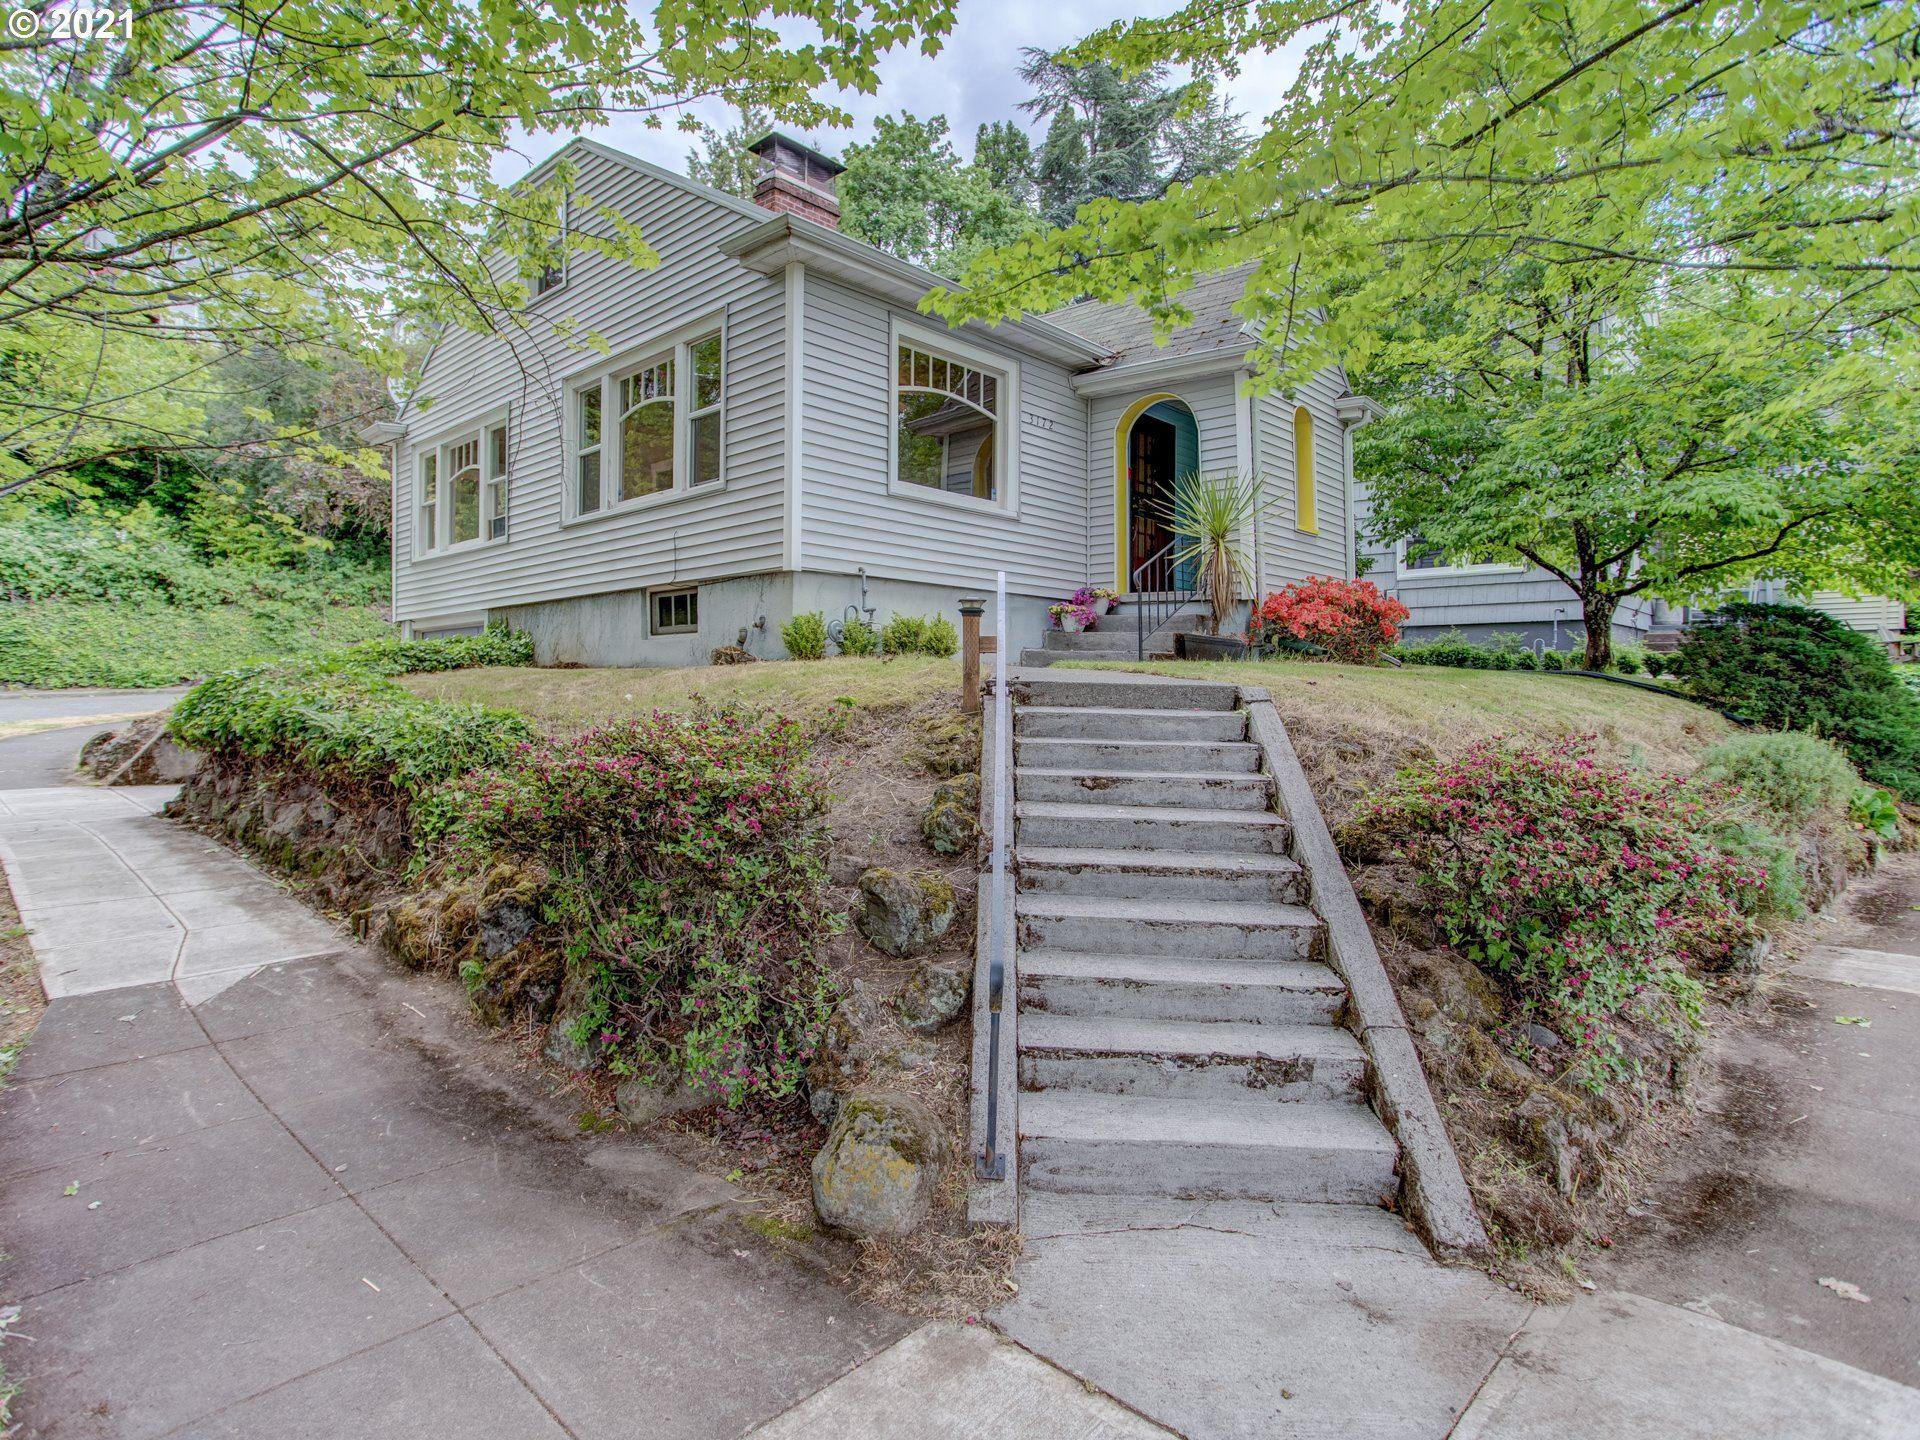 3172 NE 35TH PL, Portland, OR 97212 - MLS#: 21579614